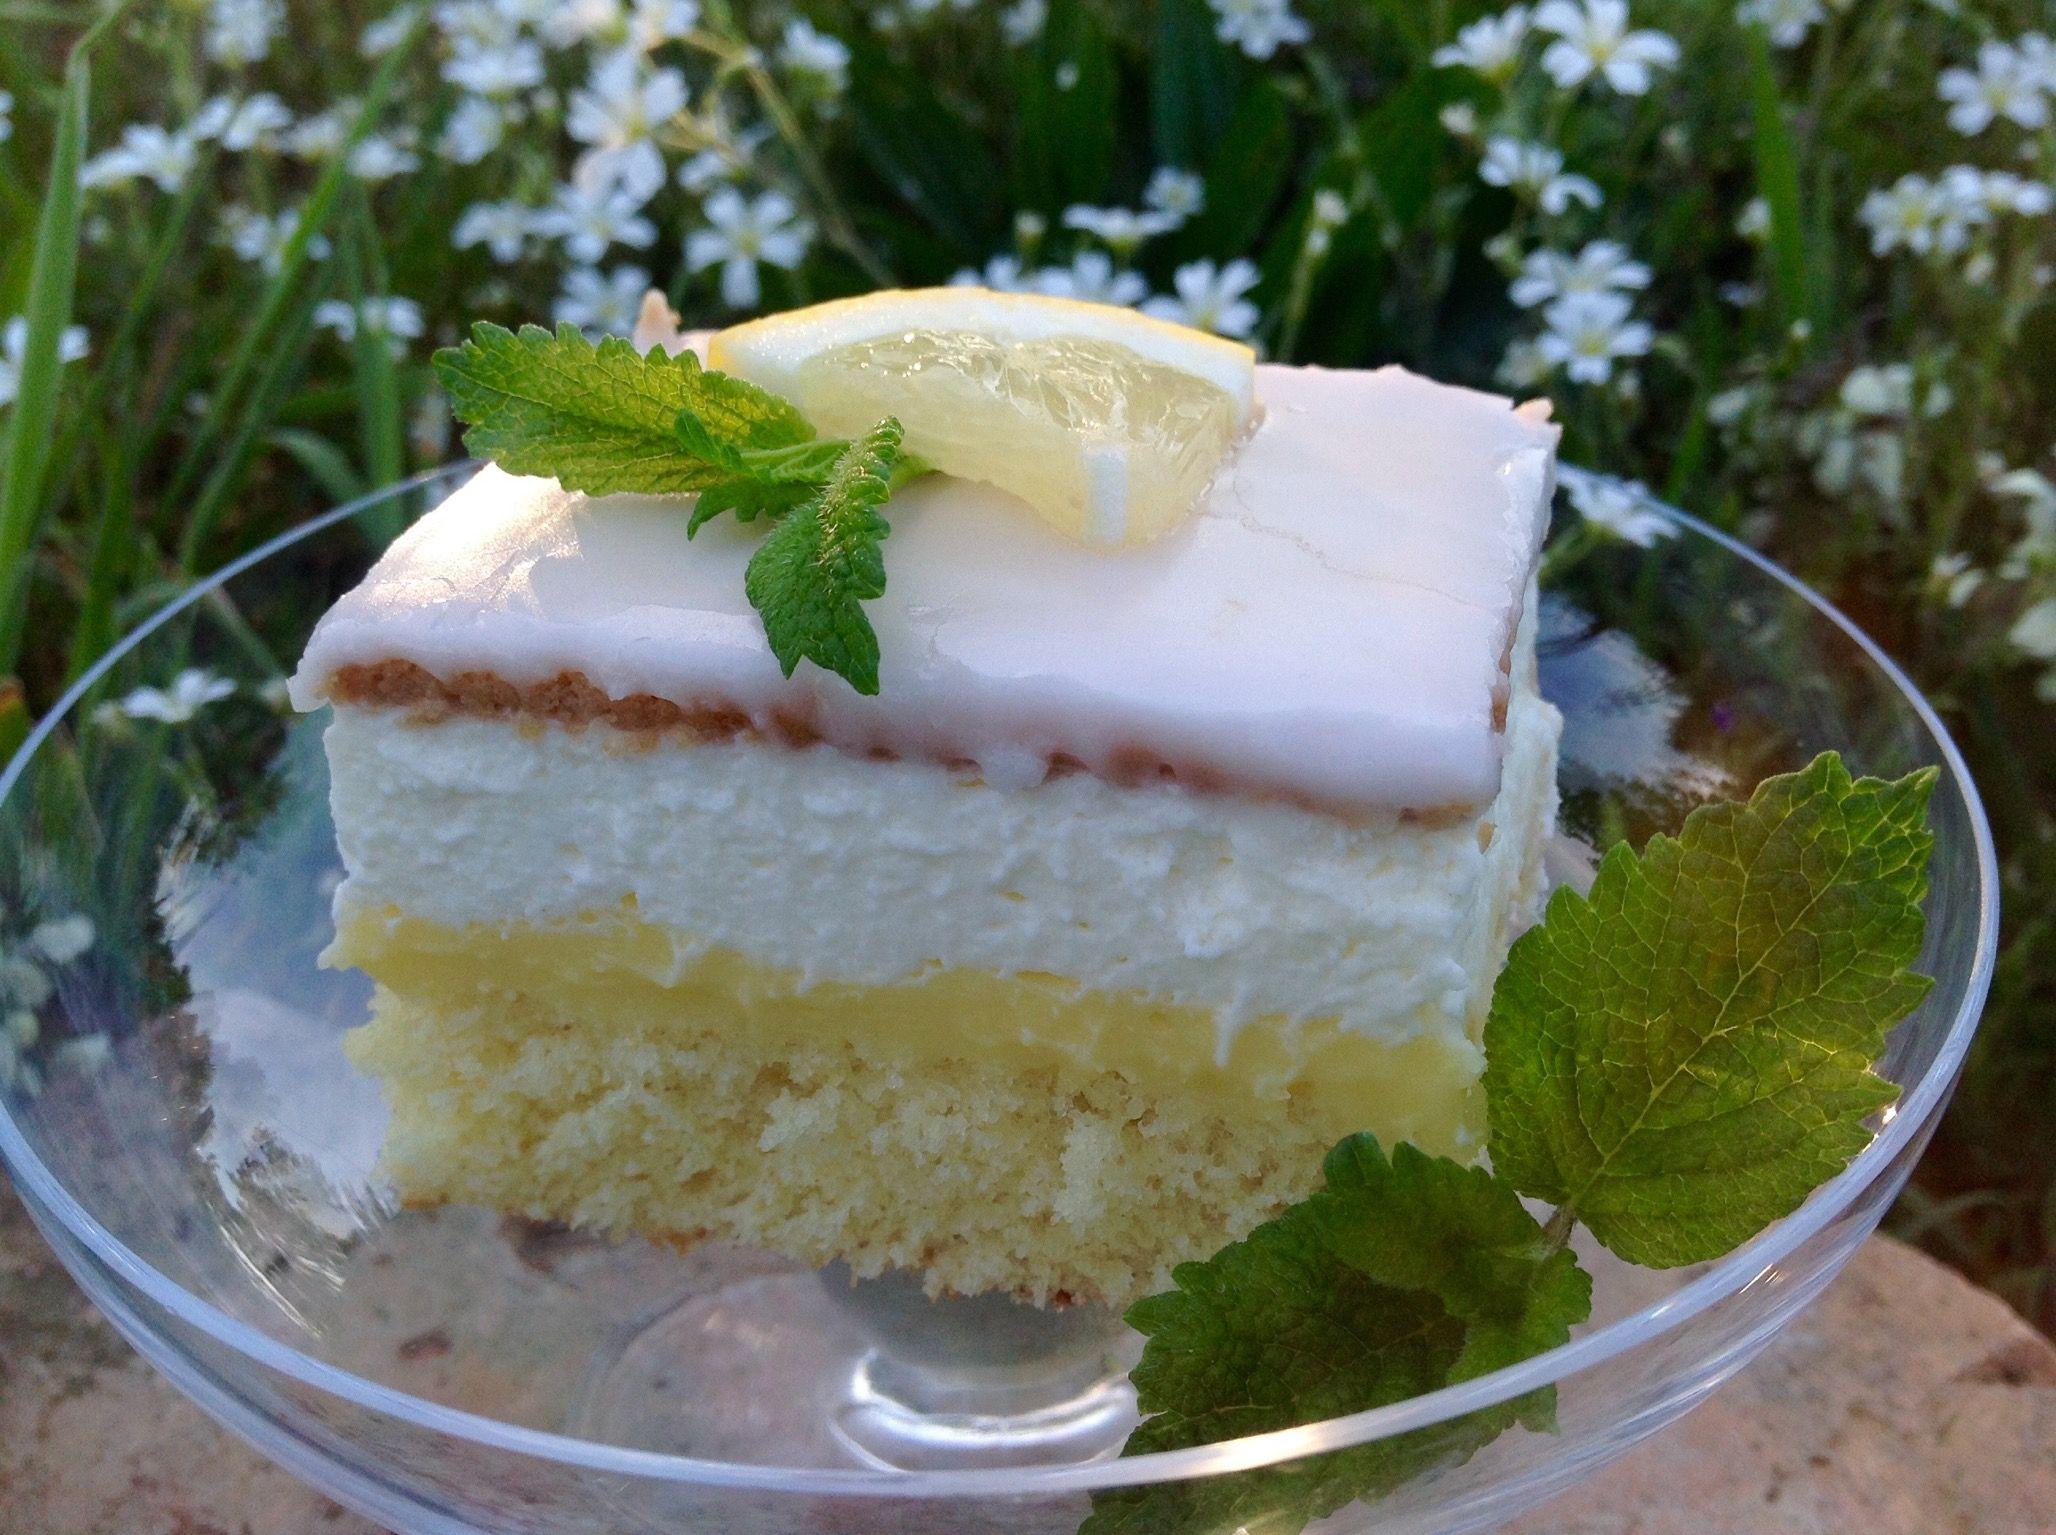 Zitronenschnitten, ein fruchtiger Sommergenuß #marshmallows